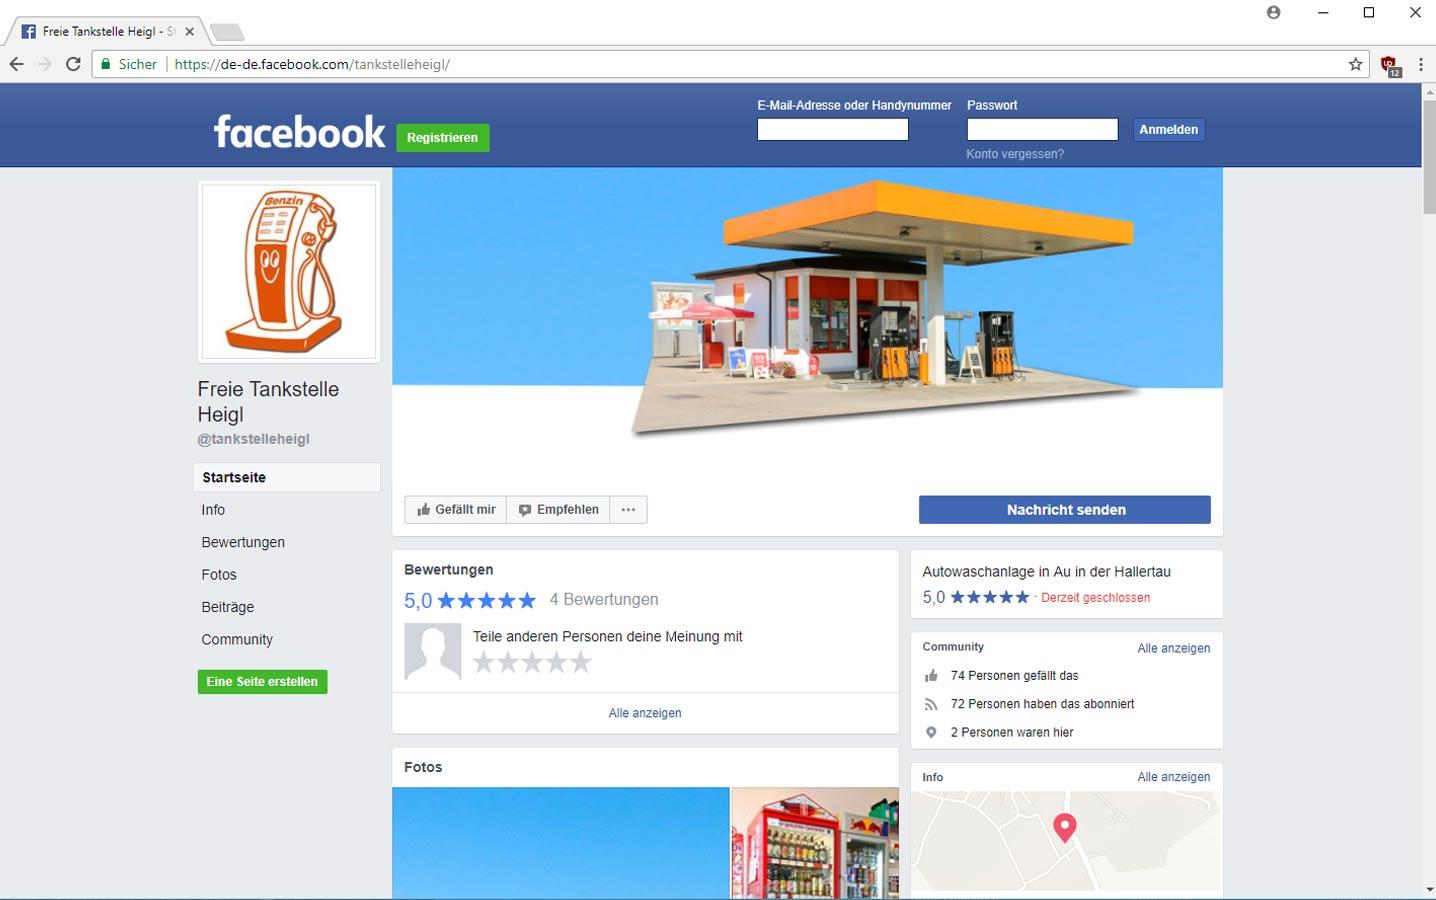 Tankstelle_Facebook